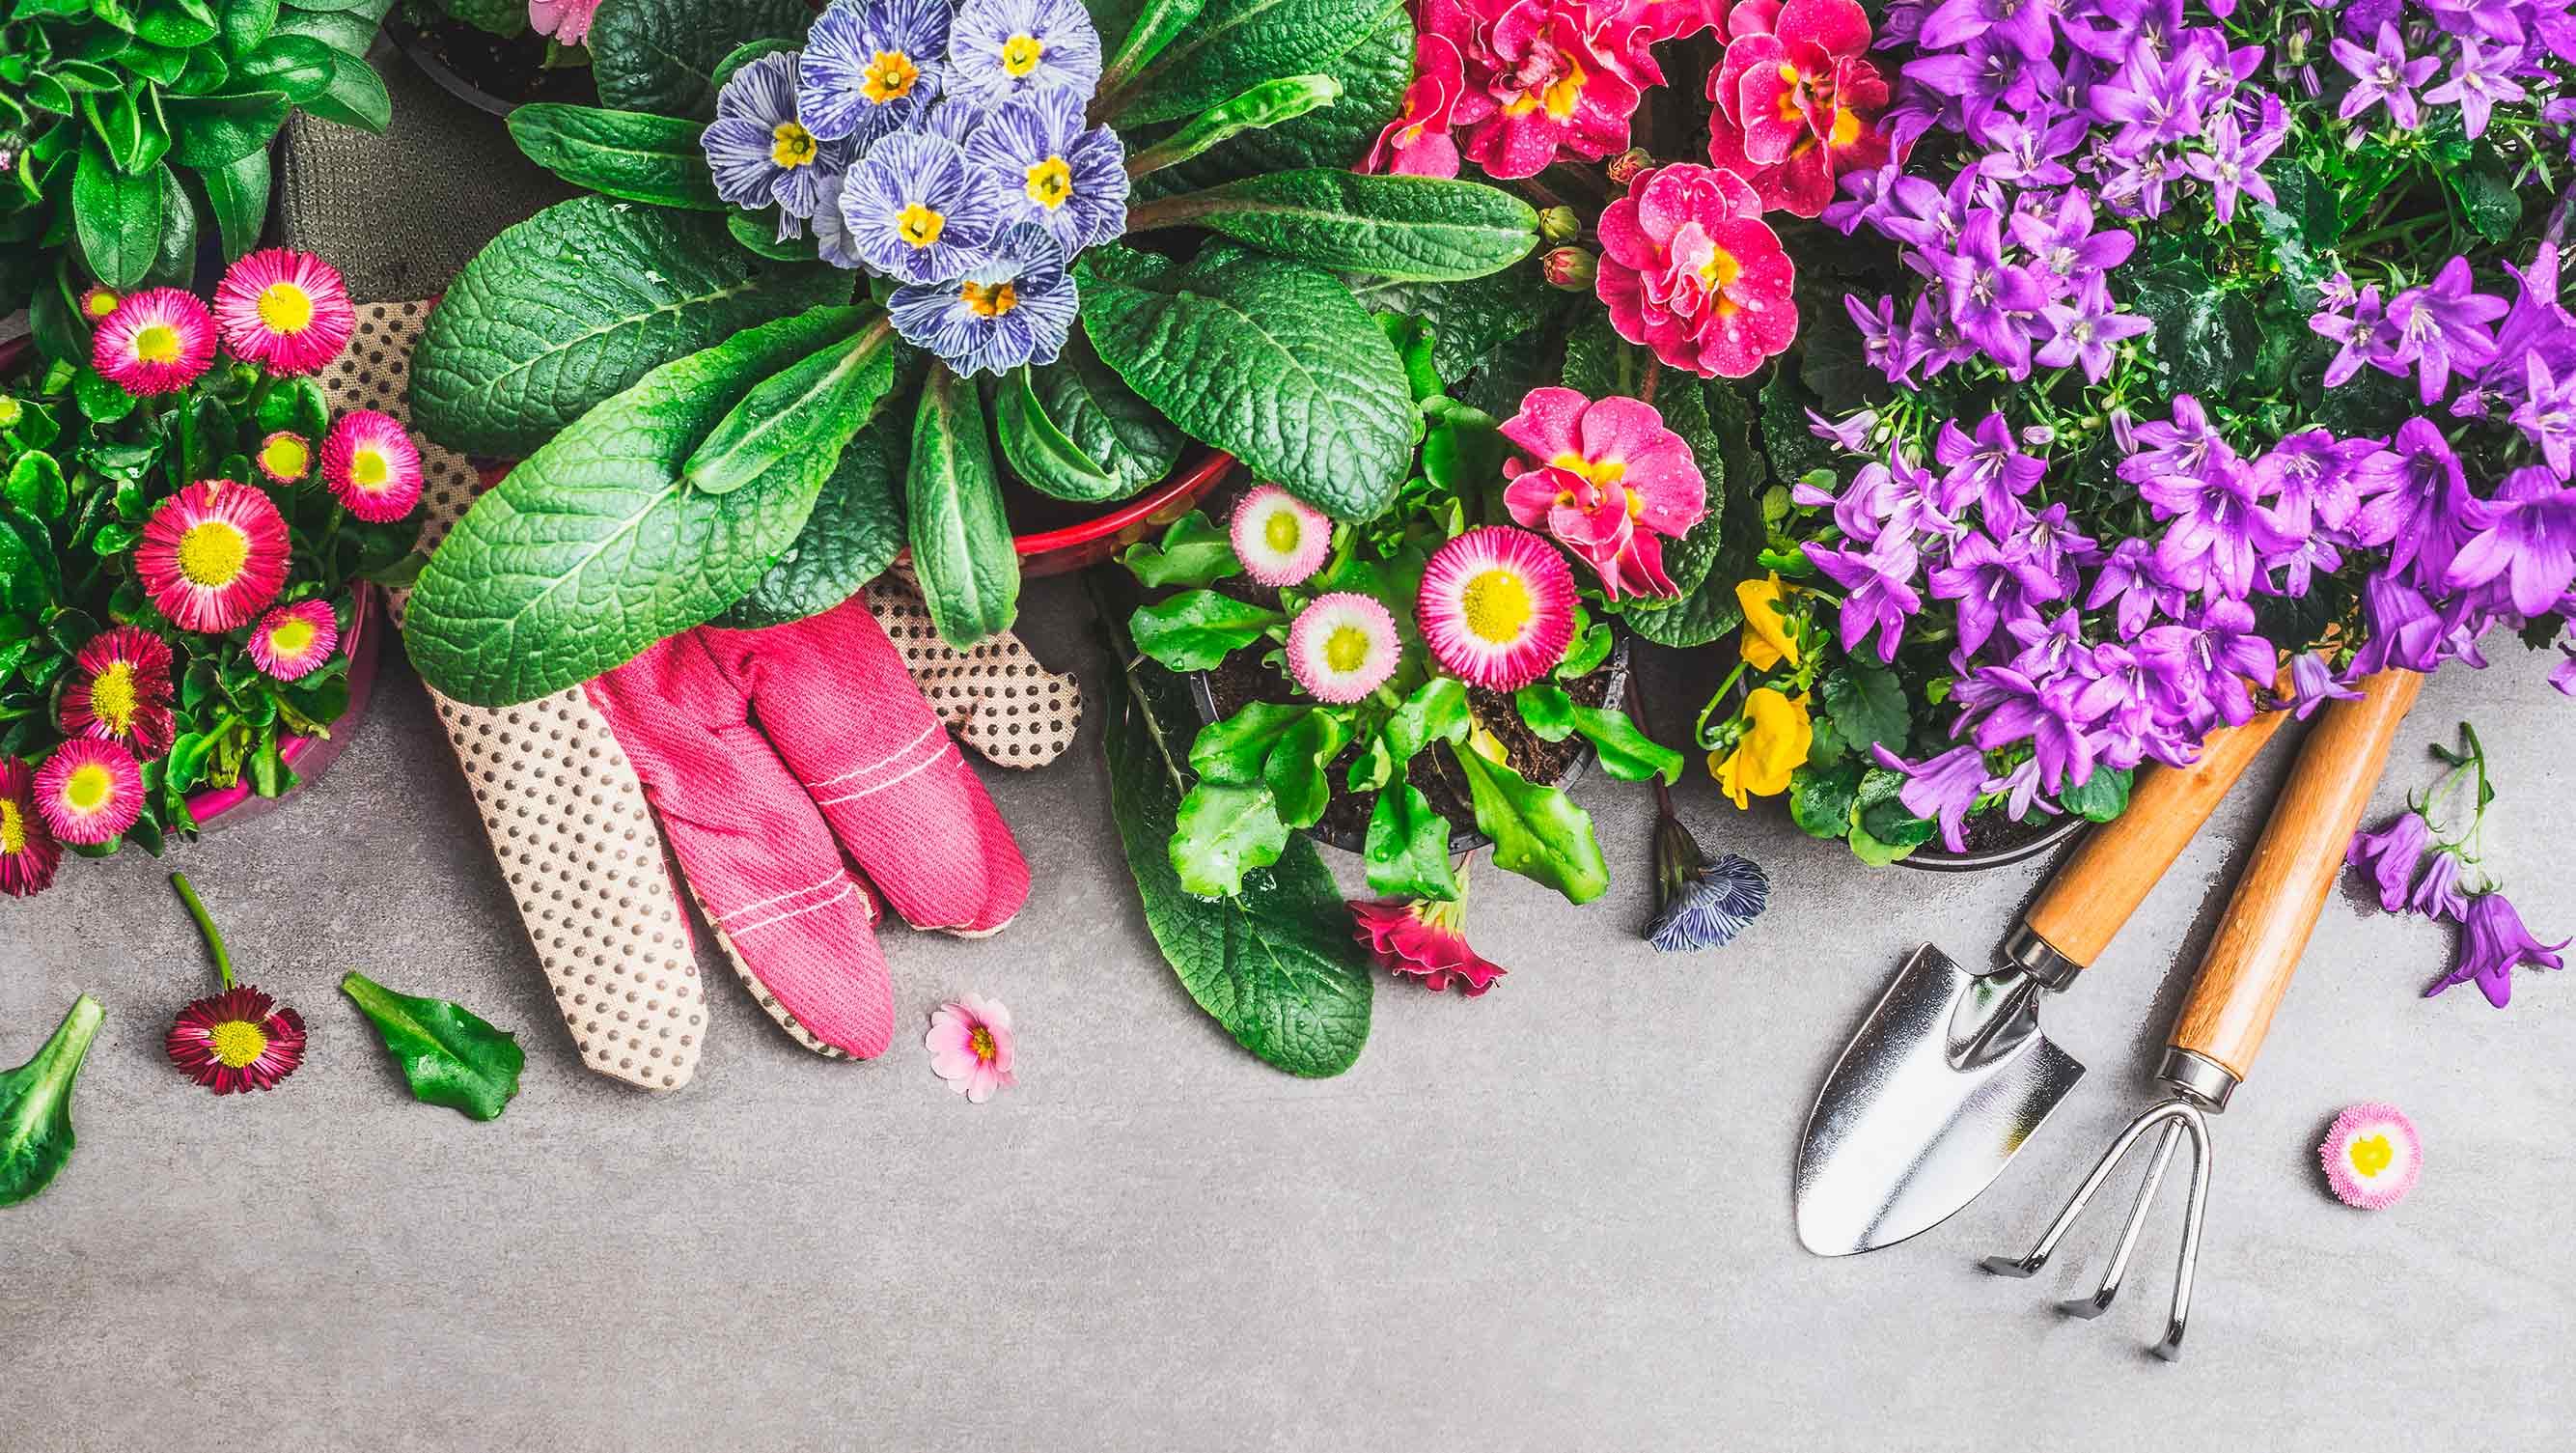 Grüne, rote, blaue, gelbe und lilafarbene Blumen von oben auf einem hellgrauen Untergrund. Rechts unten Handgabel und eine kleine Schaufel. Auf der linken Seite verbergen sich pinke Gartenhandschuhe unter den Blumen. Die Blumen sind vorbereitet für die Grabbepflanzung im Frühling.